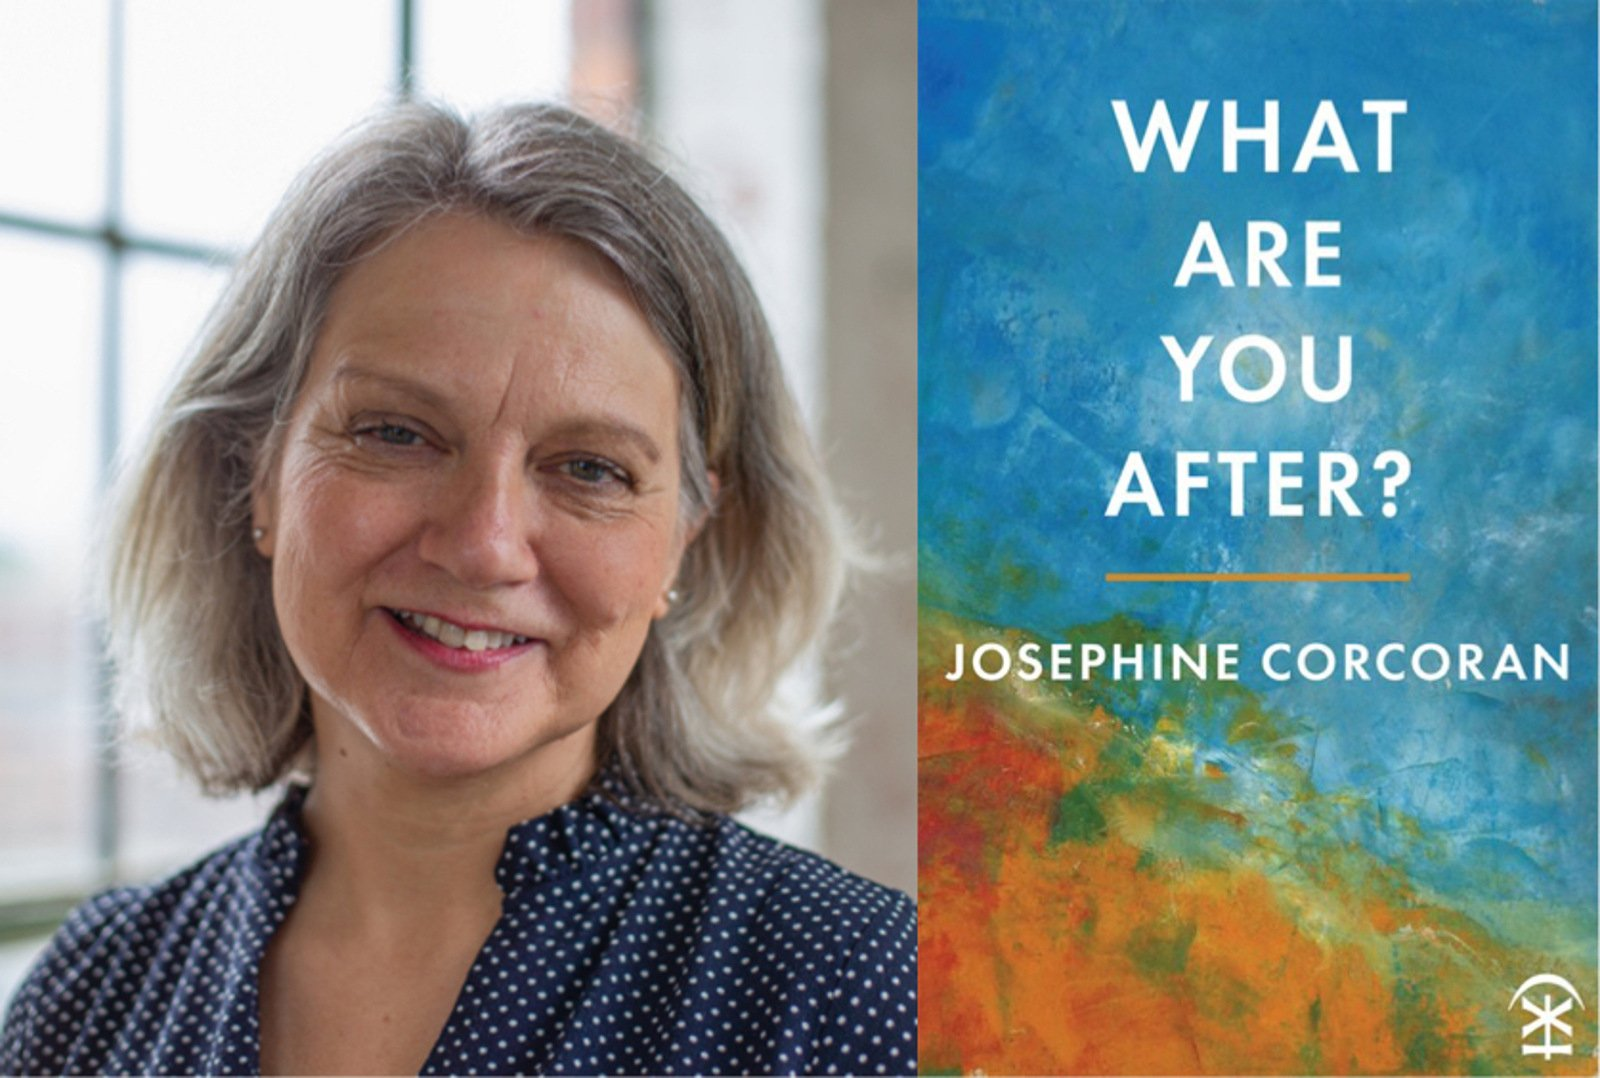 Josephine Corcoran